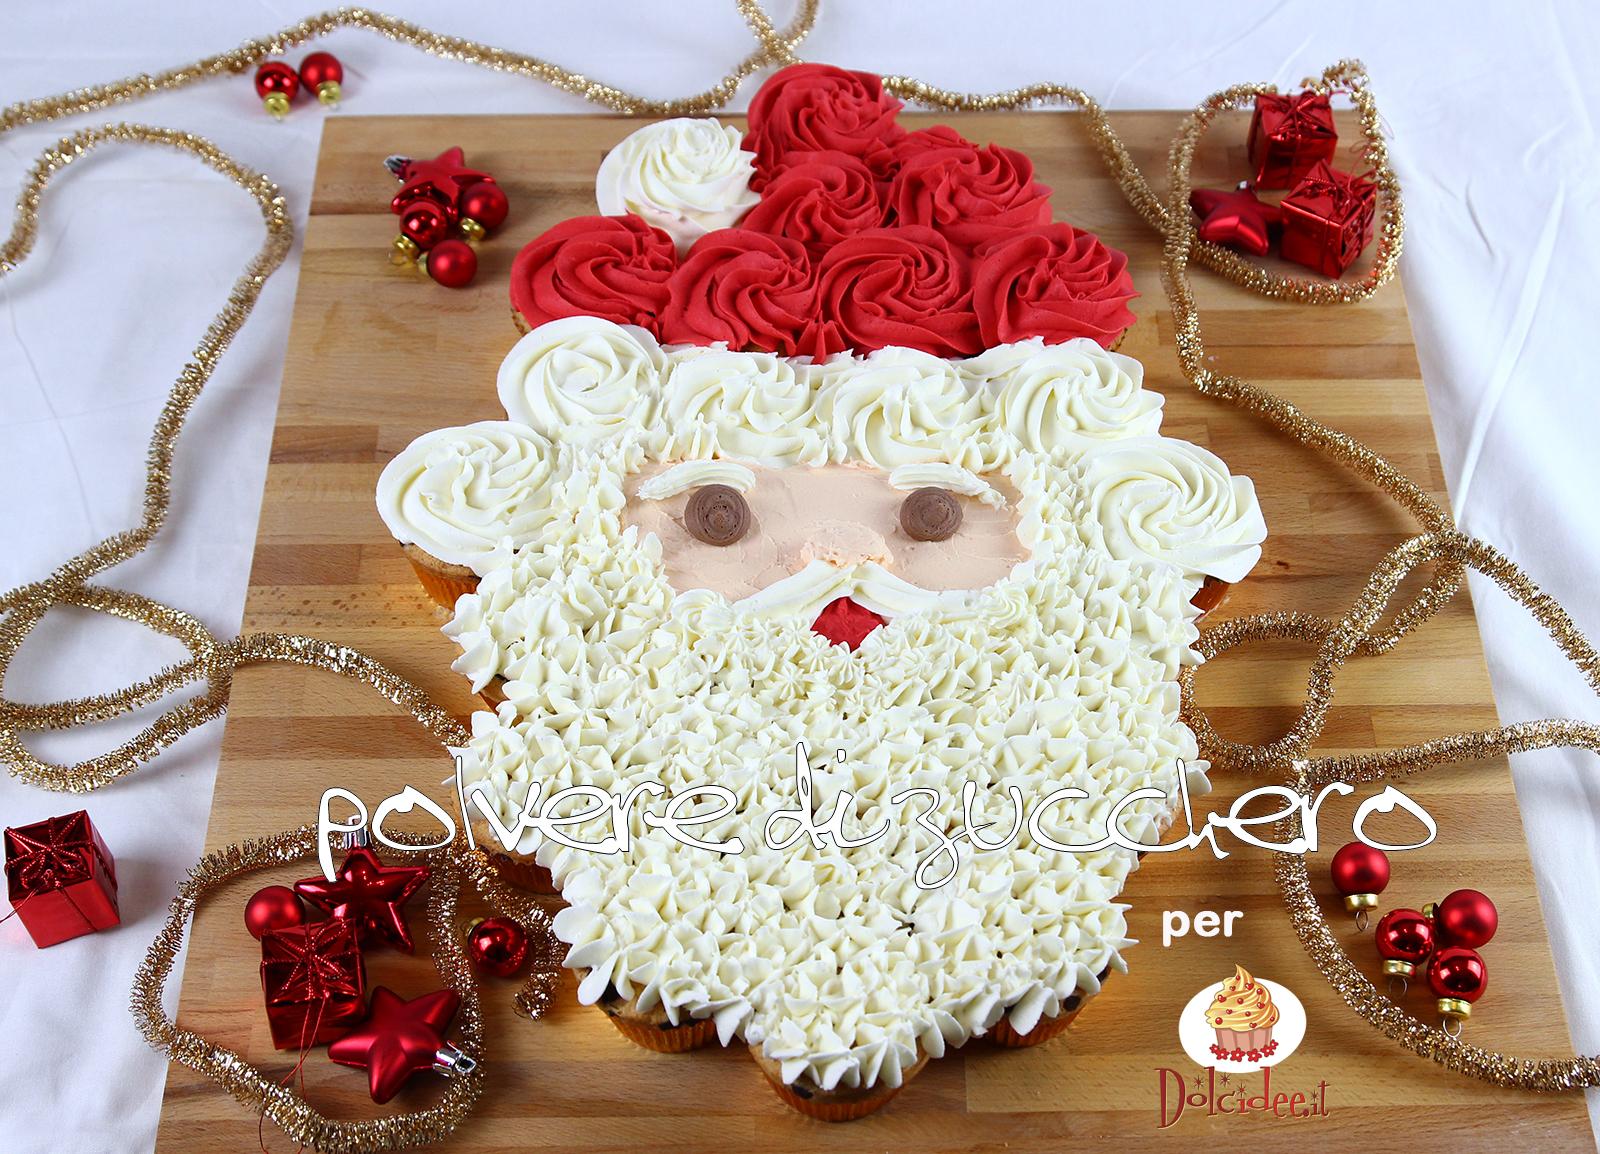 tutorial per dolcidee.it: ricetta torta di cupcake babbo natale - sweet santa claus pull-apart cupcake cake